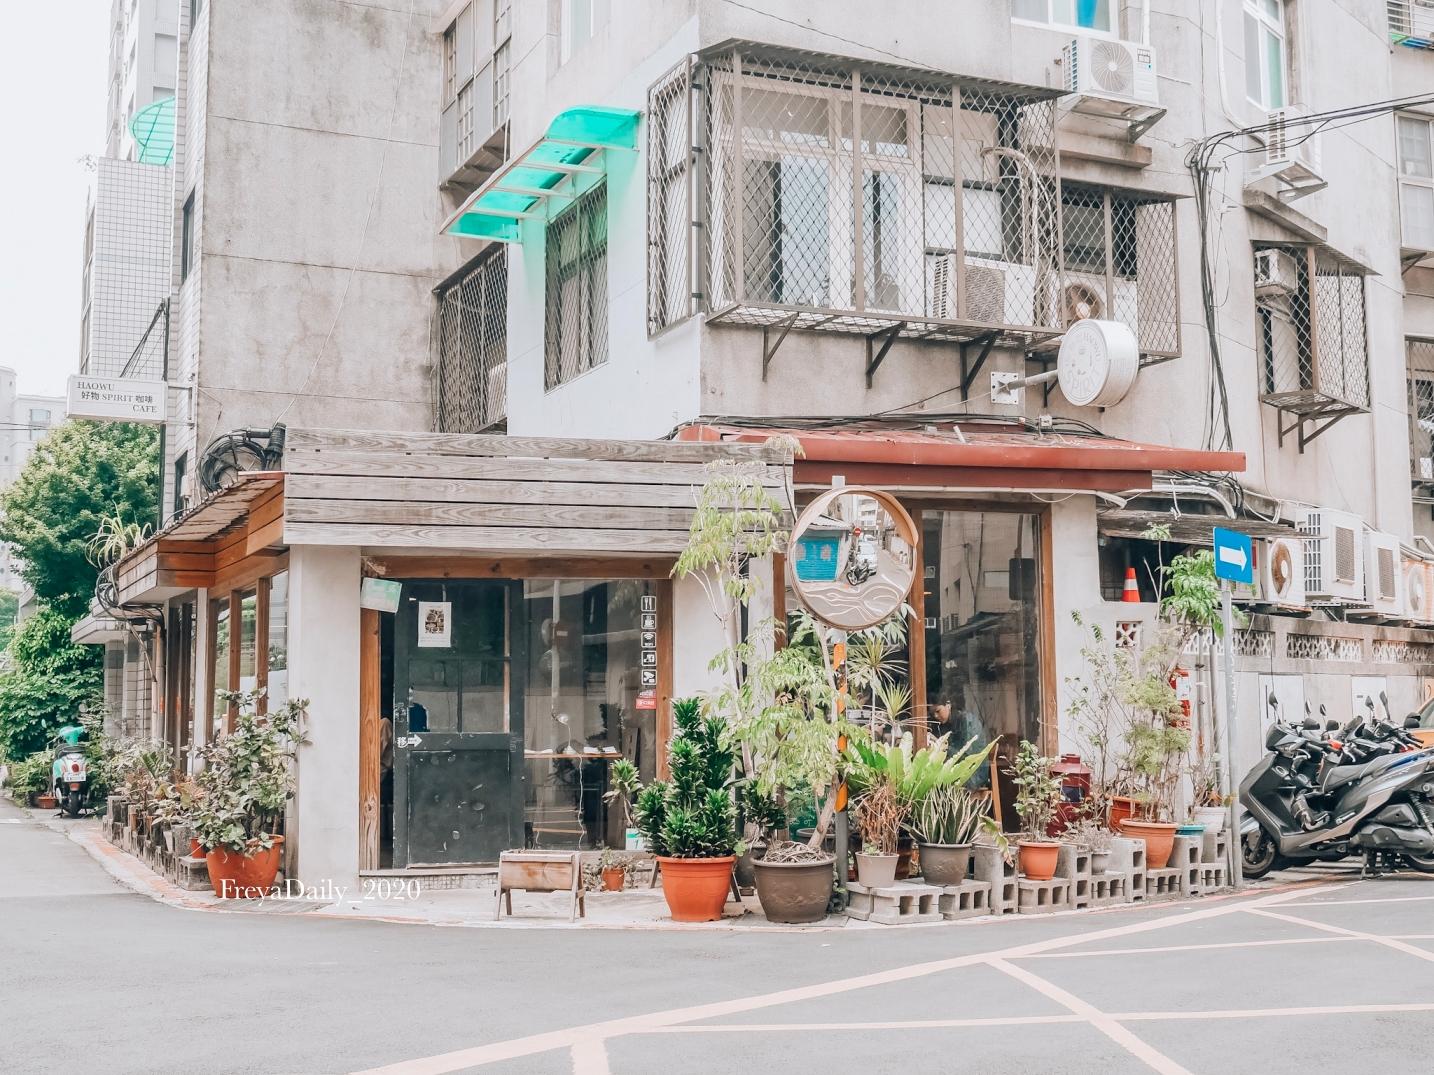 臺北市大安區美食推薦好物 Spirit 咖啡 The Haowu Spirit Cafe『2020. Mar │好物Spirit咖啡│臺北哪裡吃美食:臺北 ...